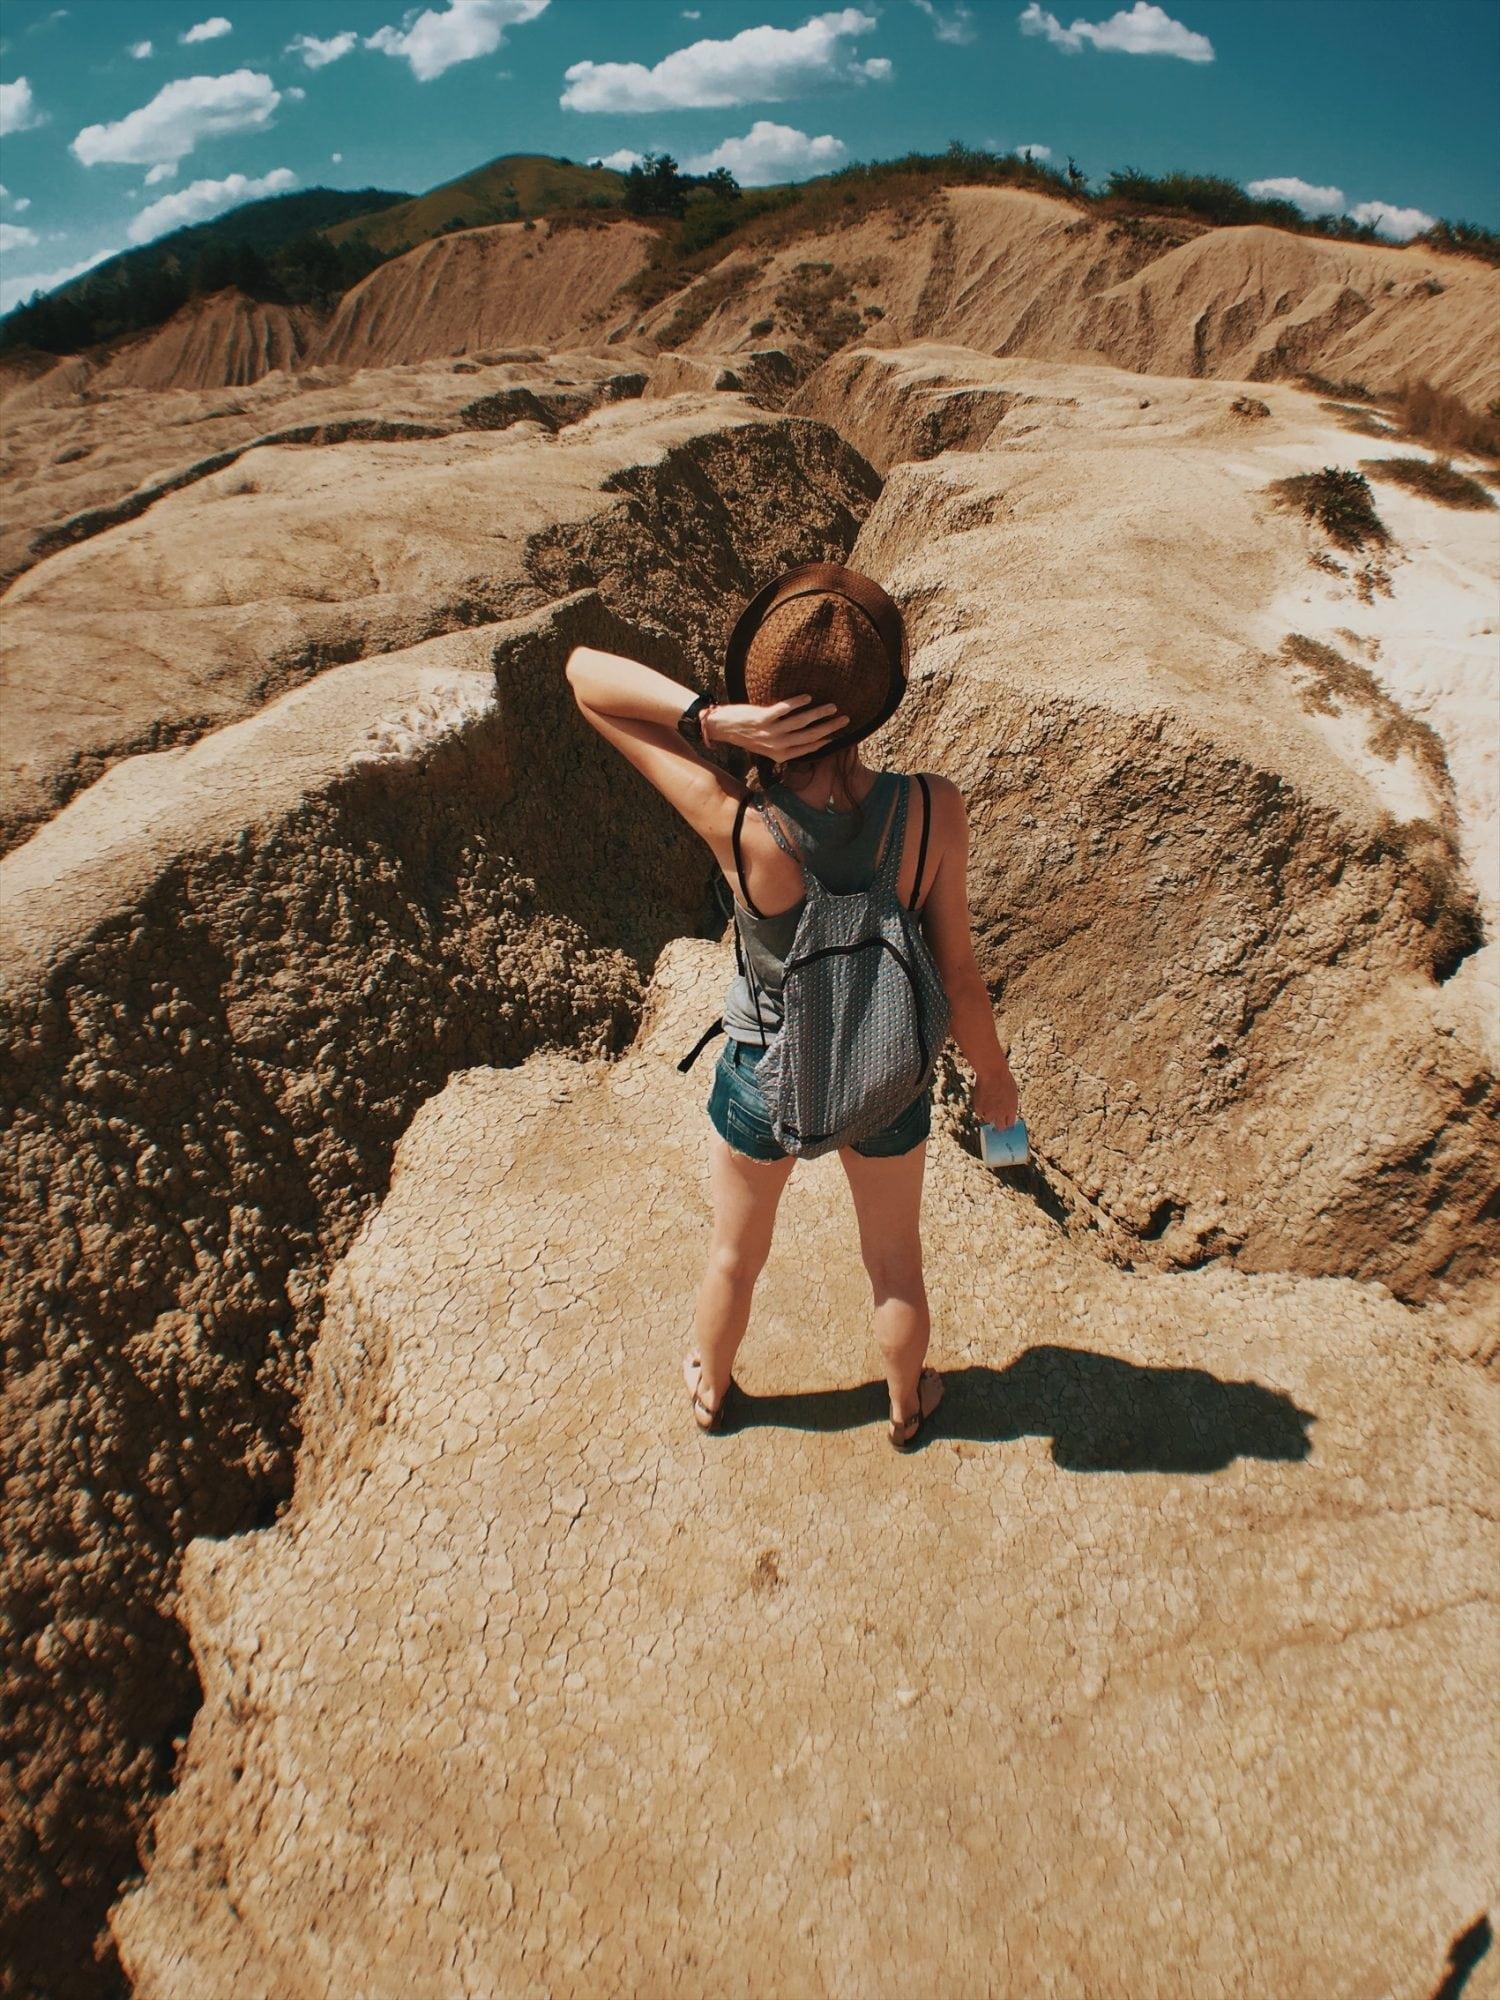 Aga stoi nad kraterem, kanionem, kobieta trzyma się za głowę, przytrzymując kapelusz od Medicine, w tle krajobraz wulkanów błotnych w Ruimunii buzau wulkany błotne rumunia neverendingtravel.pl